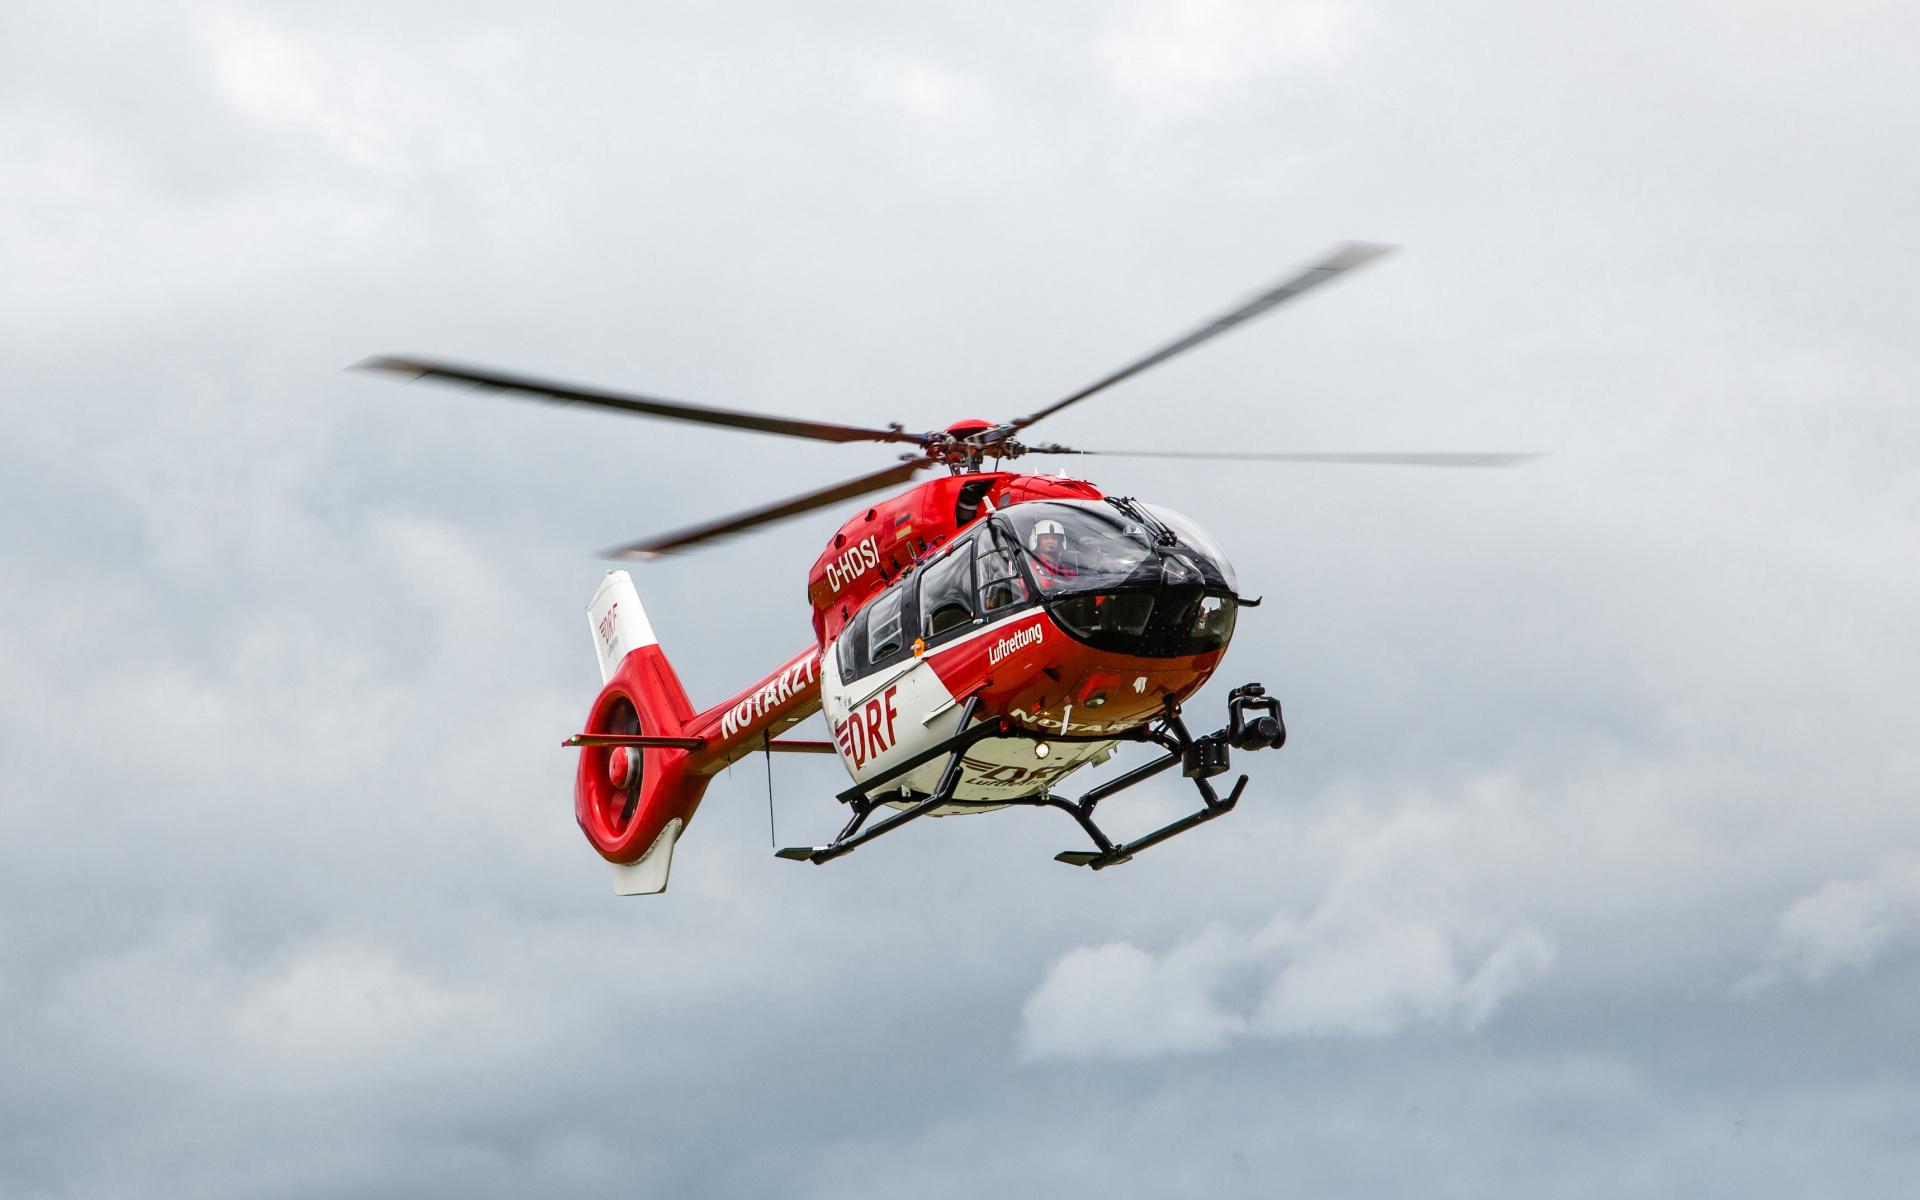 Ab April 2021 werden die Weidener Luftretter*innen mit einer H145 zu ihren lebensrettenden Einsätzen starten.